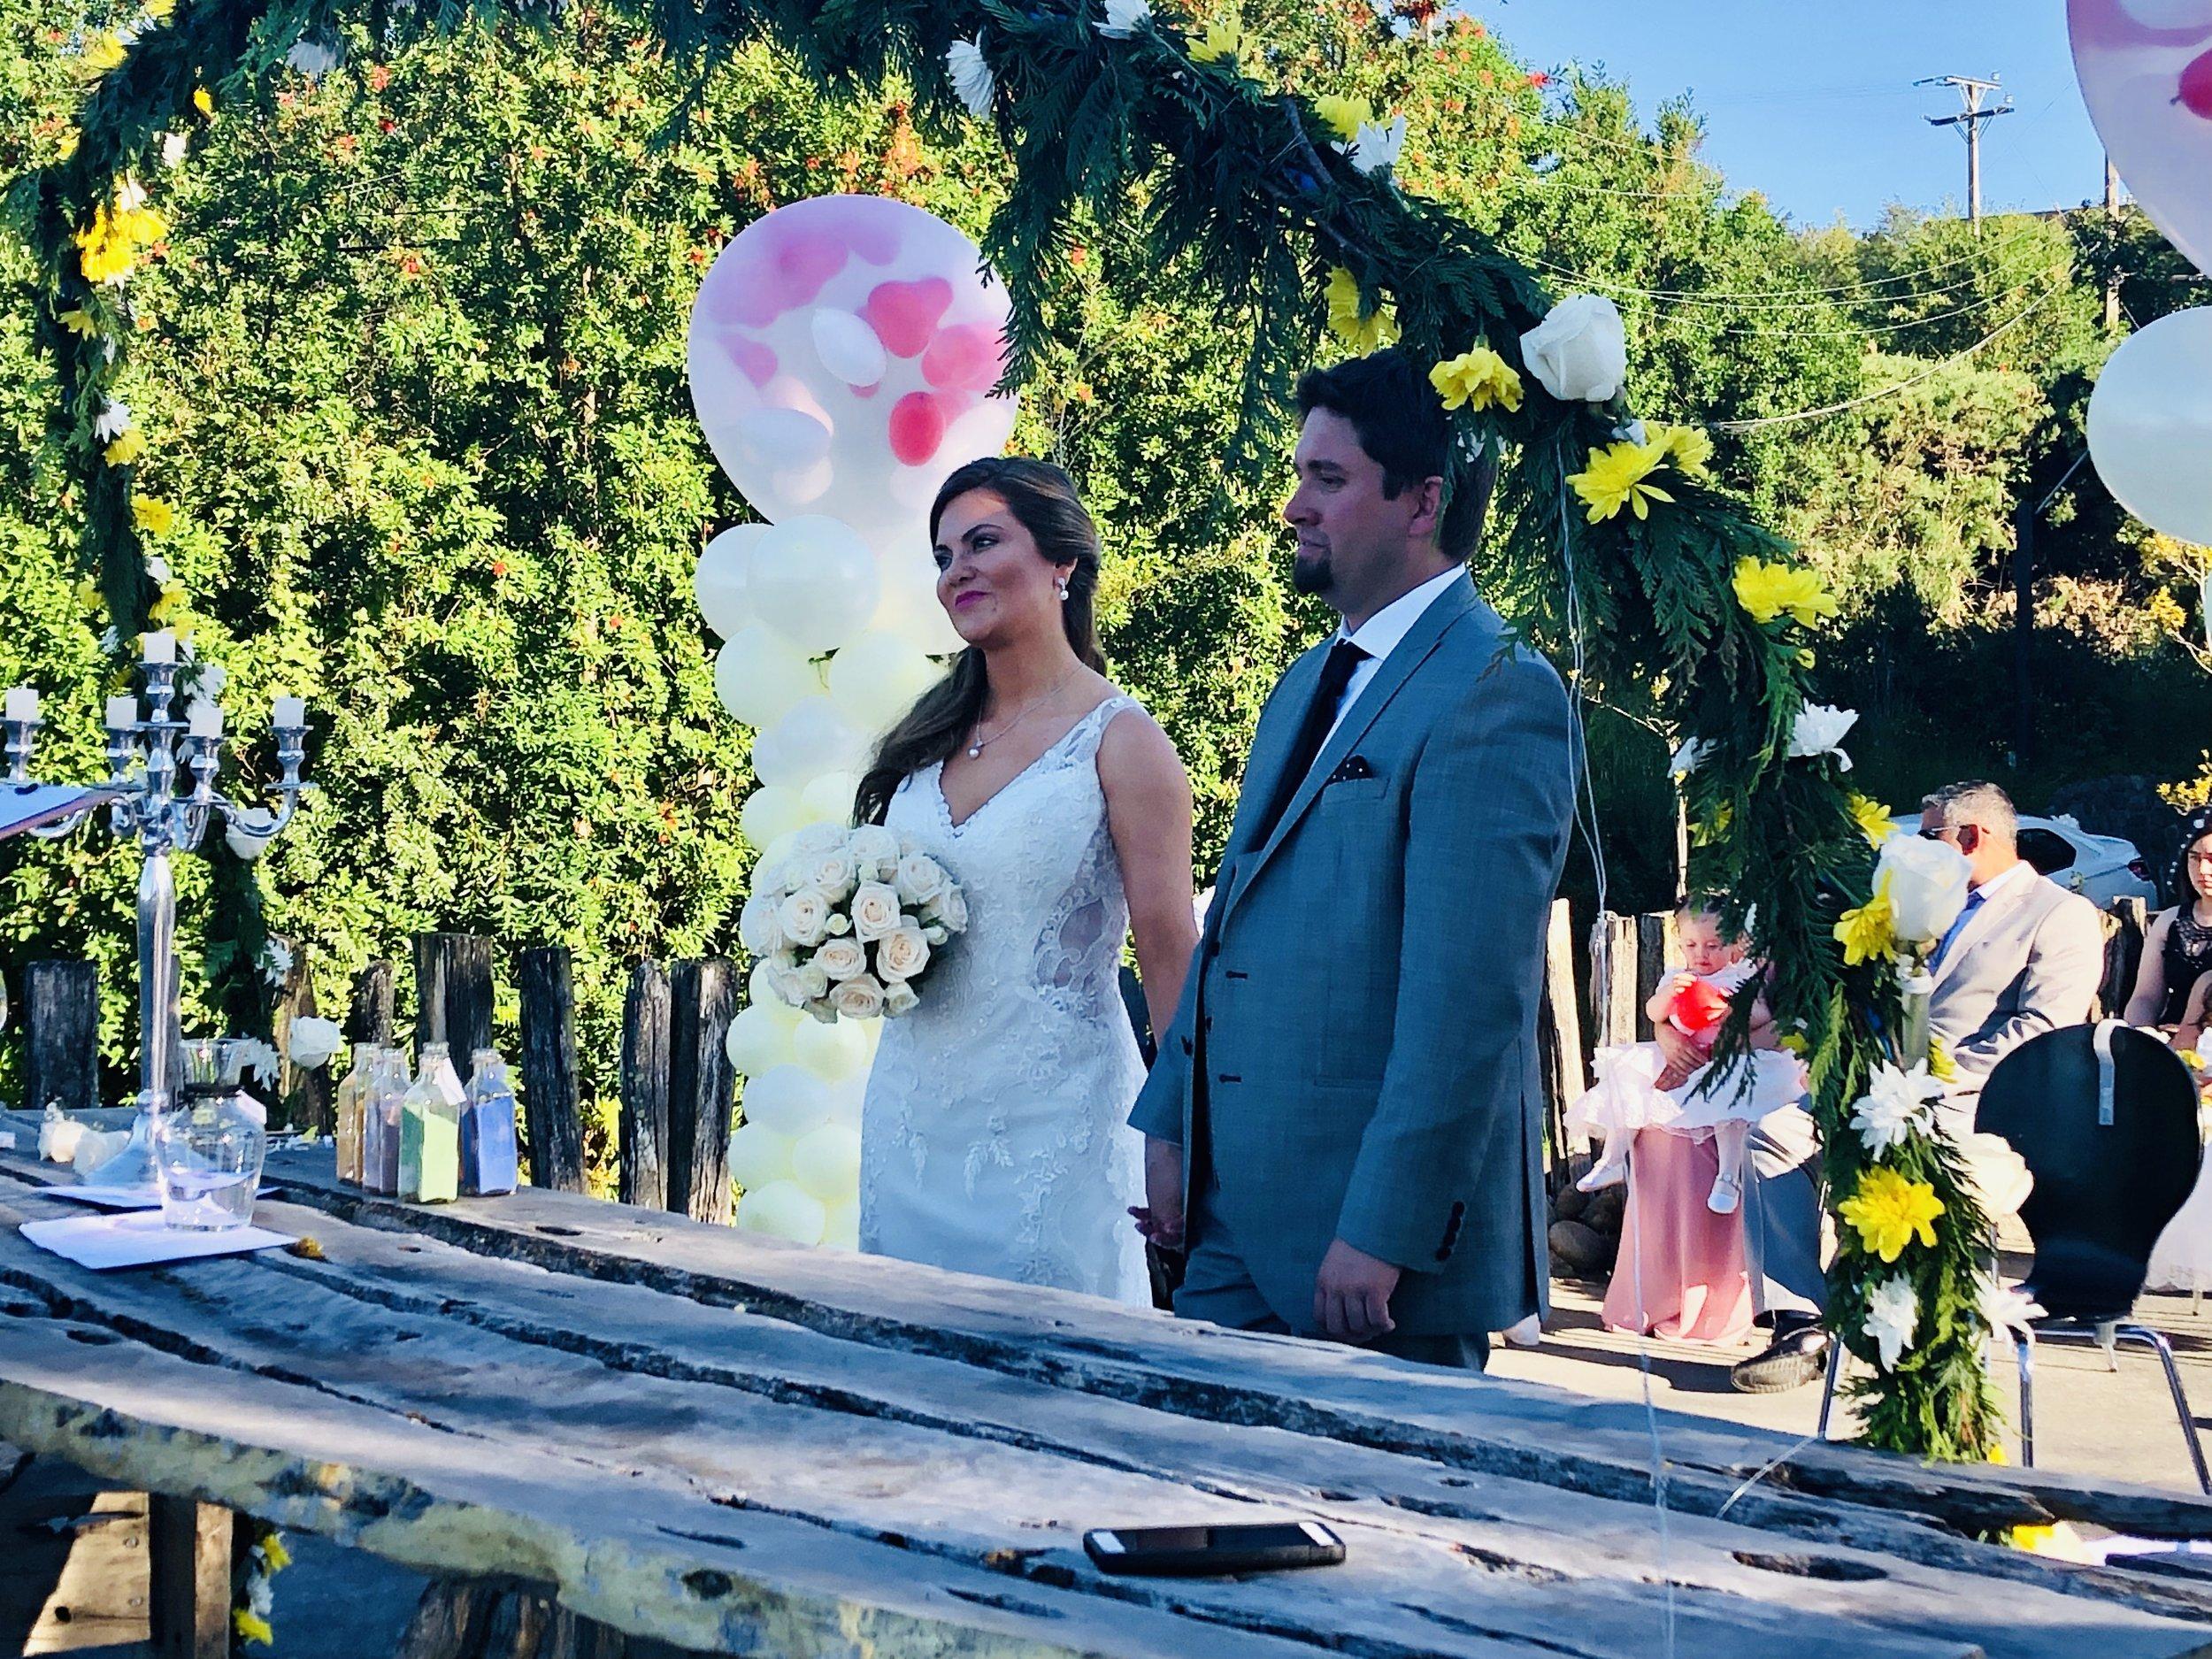 Muy emocionados Lorena y Felipe con sus canciones romanticas, sus hijos estaban presentes muy felices, todos estabamos emocionados.